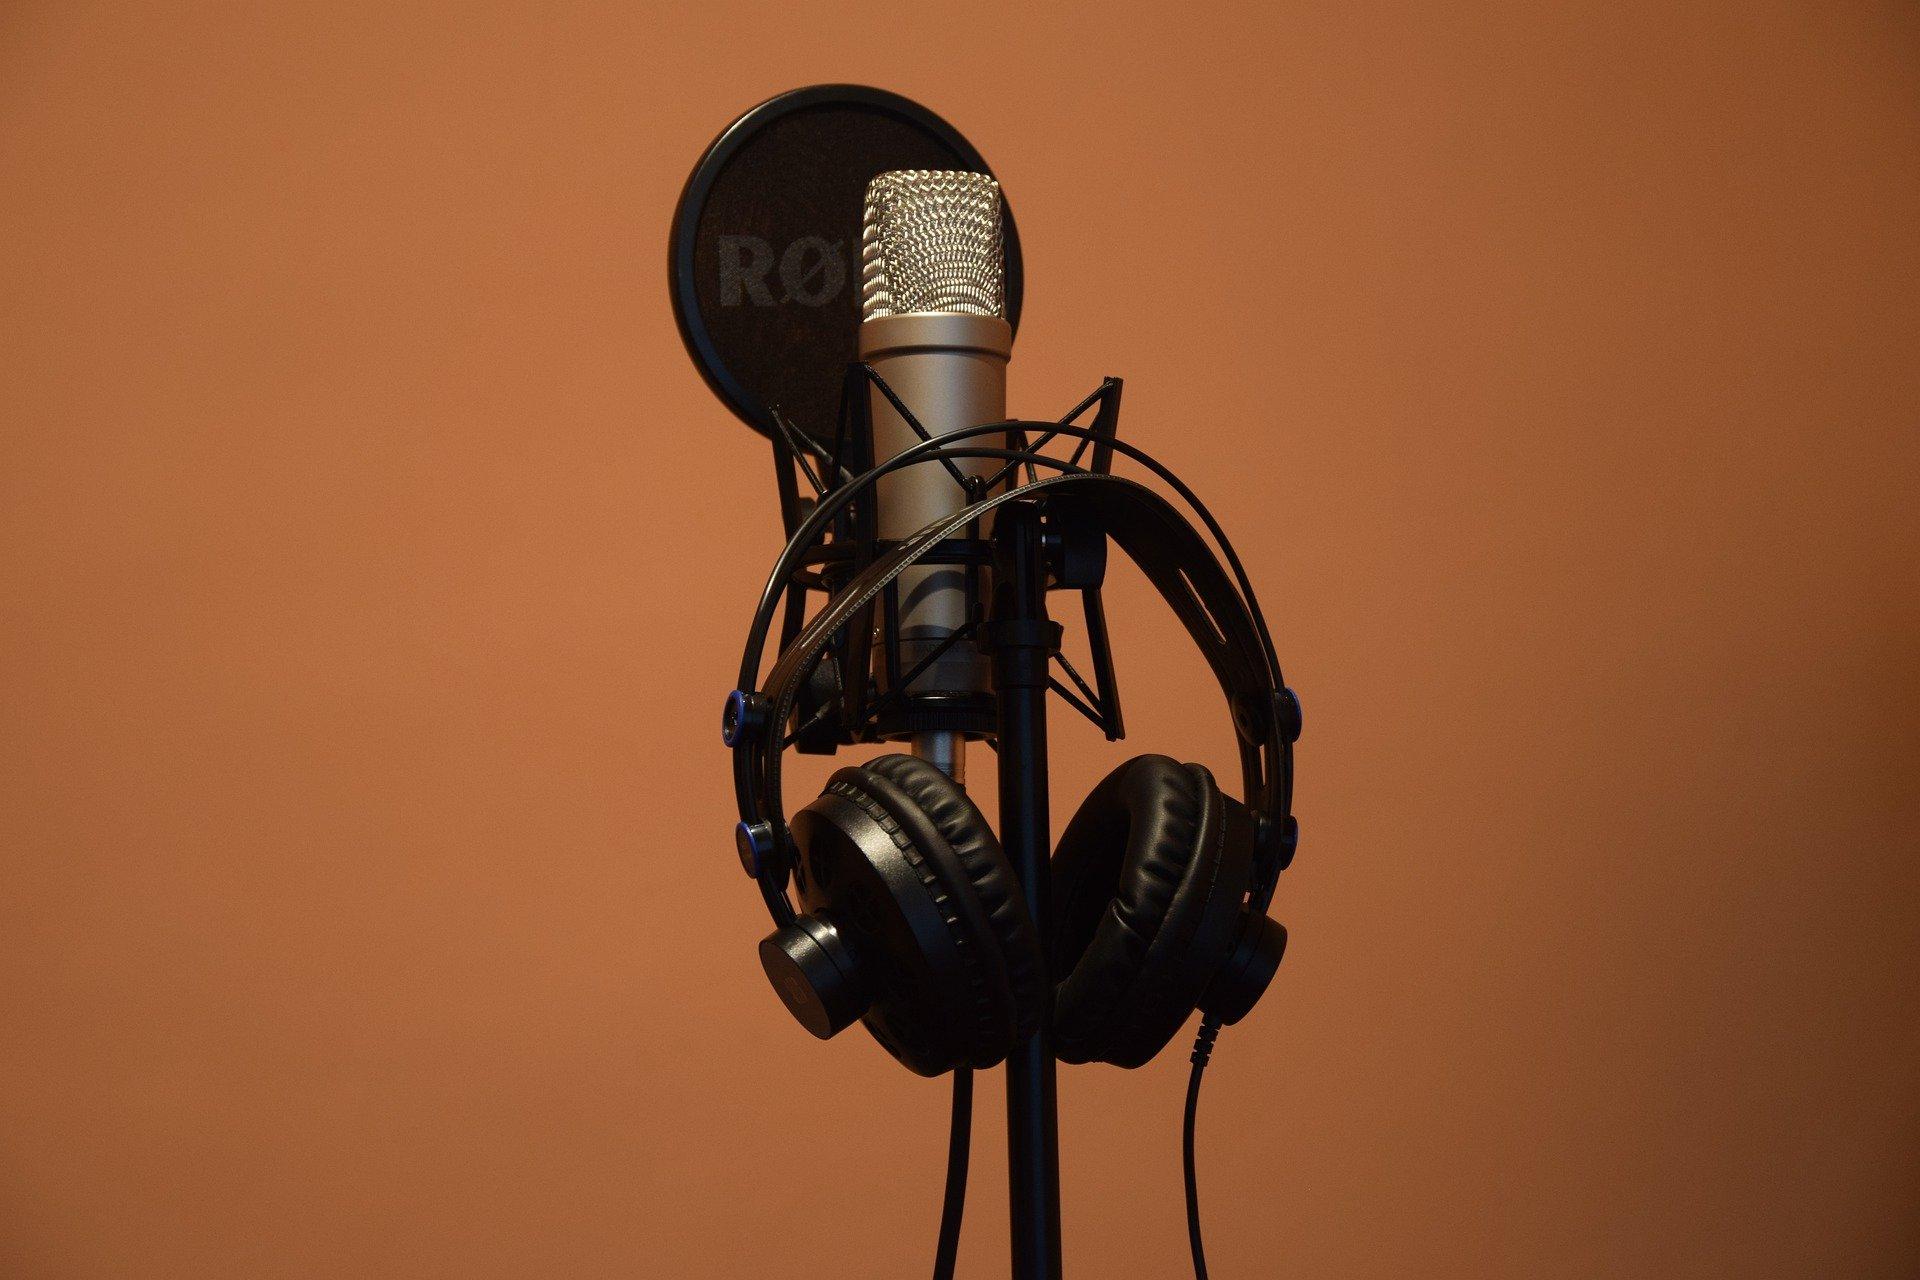 Ein Aufnahmemikrofon. Daran hängt ein Kopfhörer.